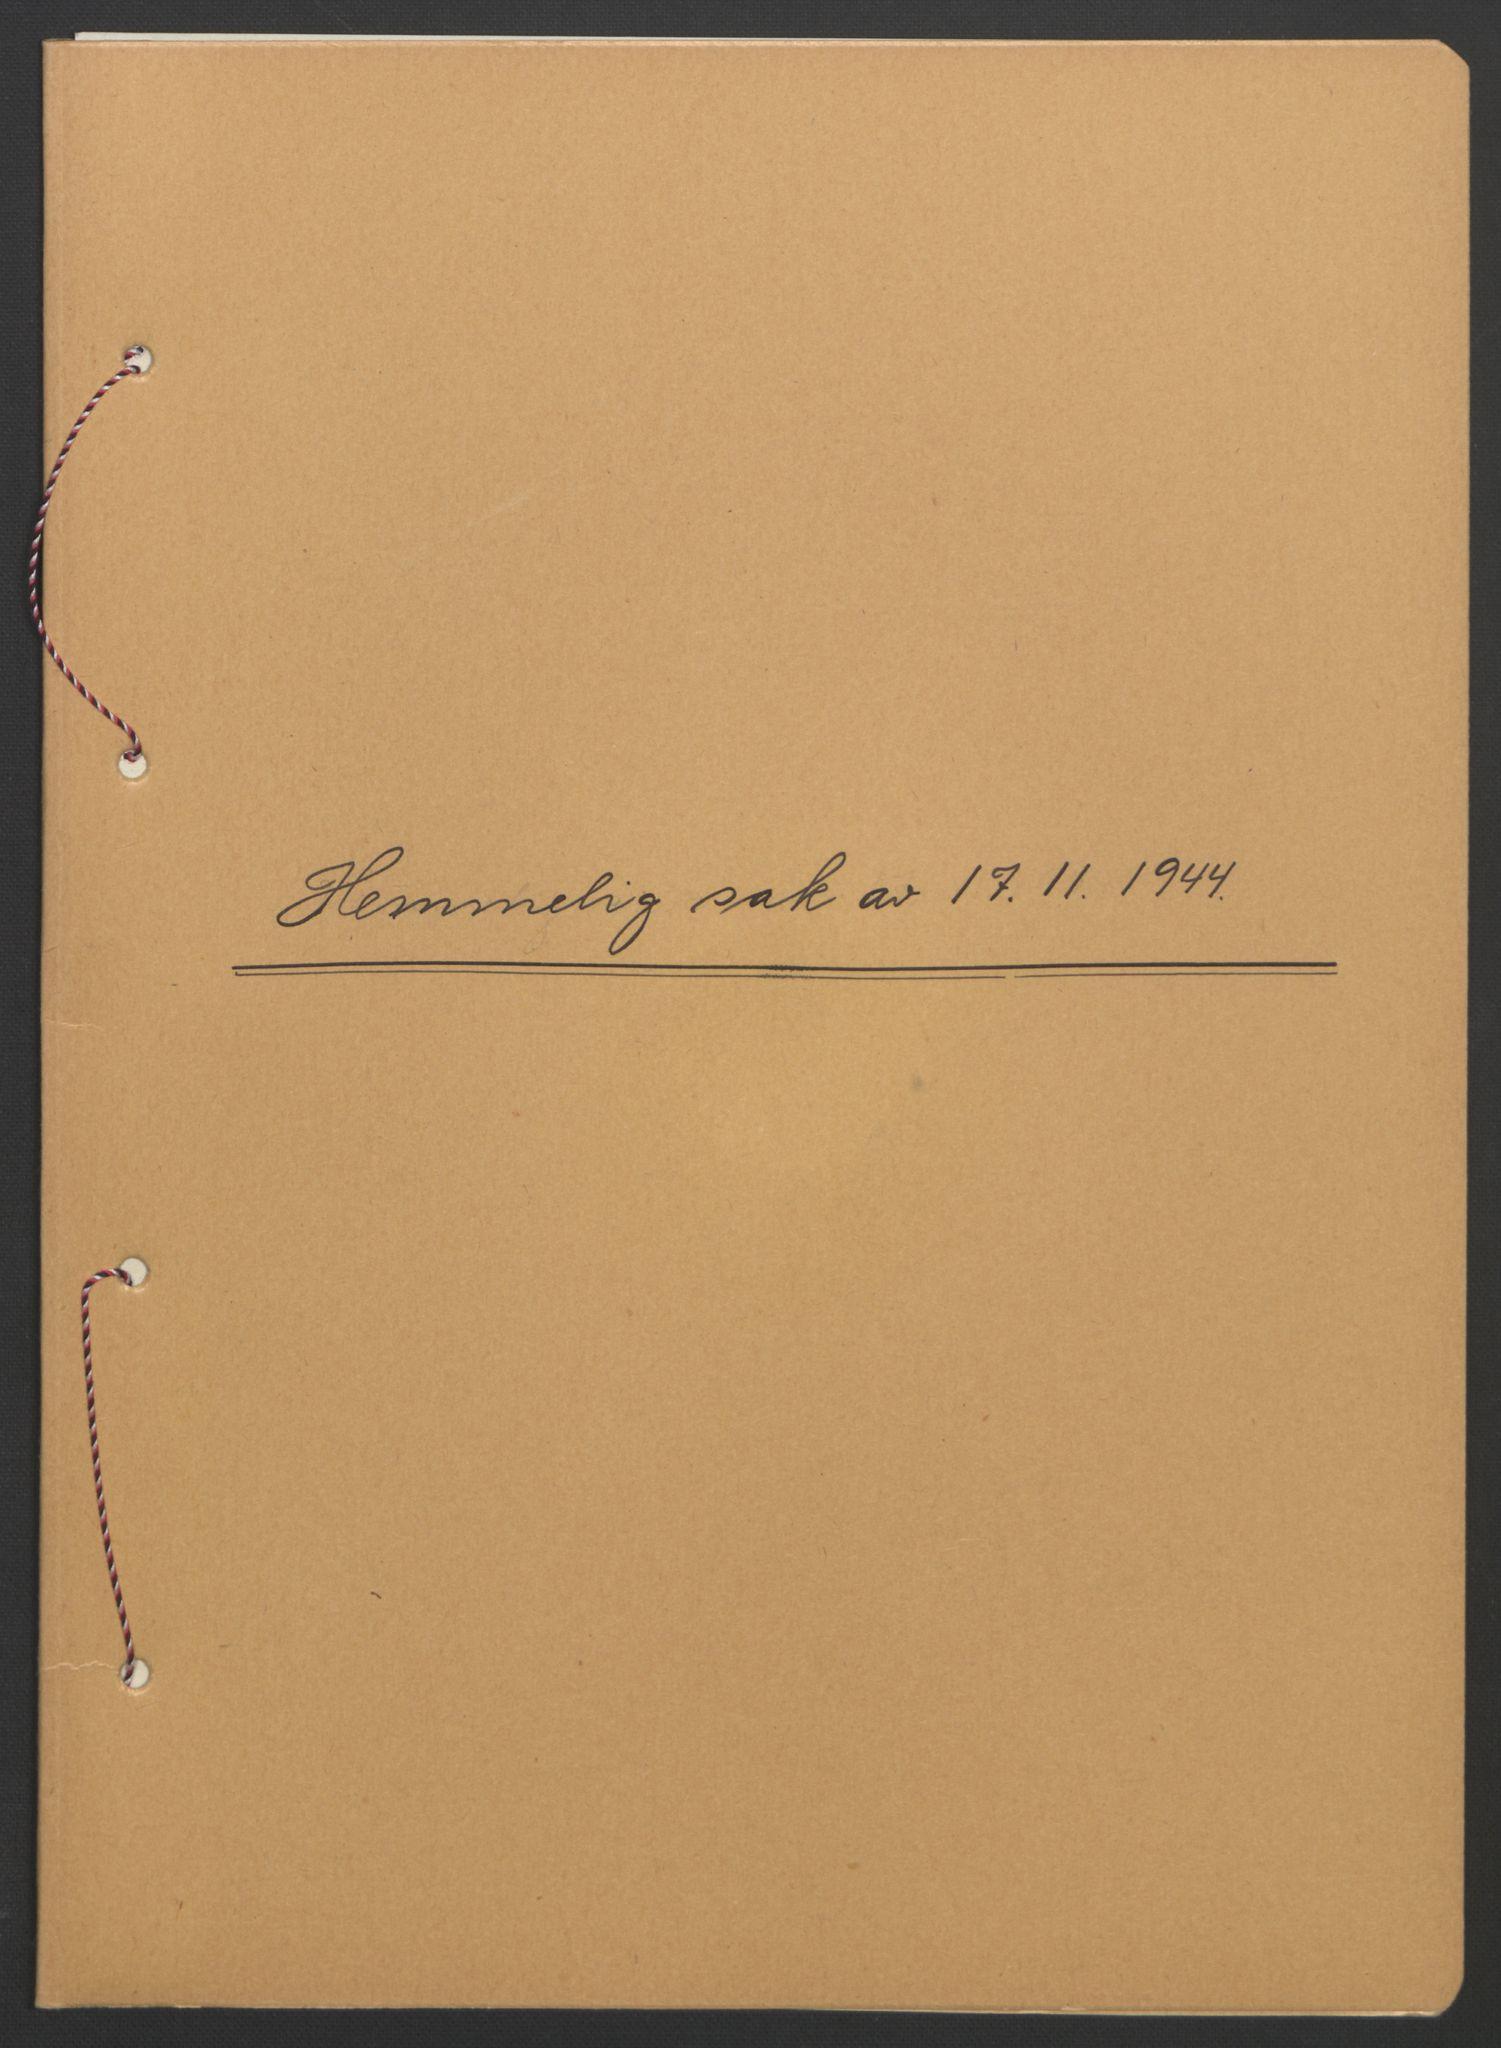 RA, NS-administrasjonen 1940-1945 (Statsrådsekretariatet, de kommisariske statsråder mm), D/Db/L0111: Saker fra krigsårene, 1940-1945, s. upaginert